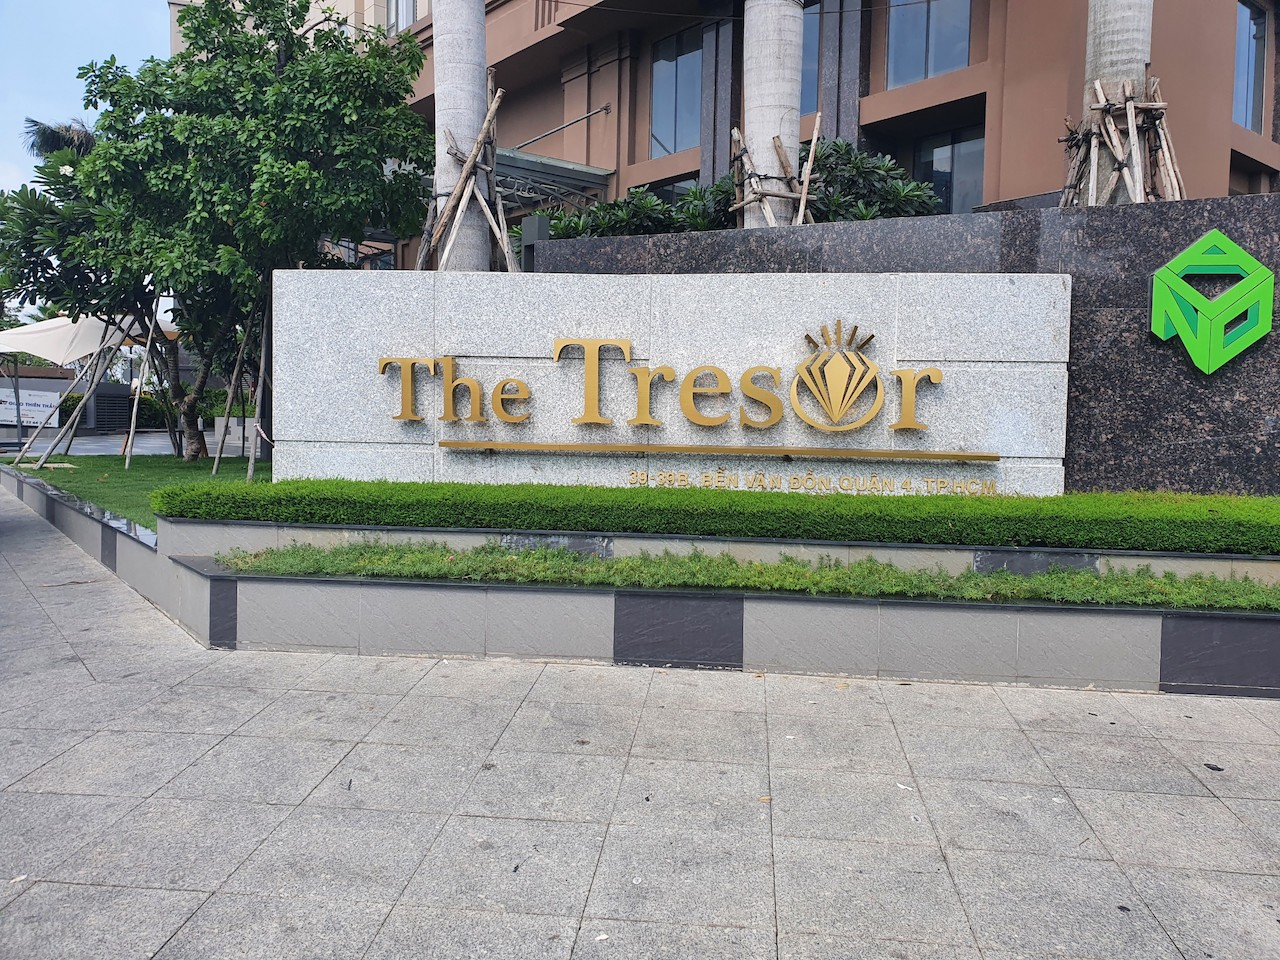 Vietnam-visa-extension-office